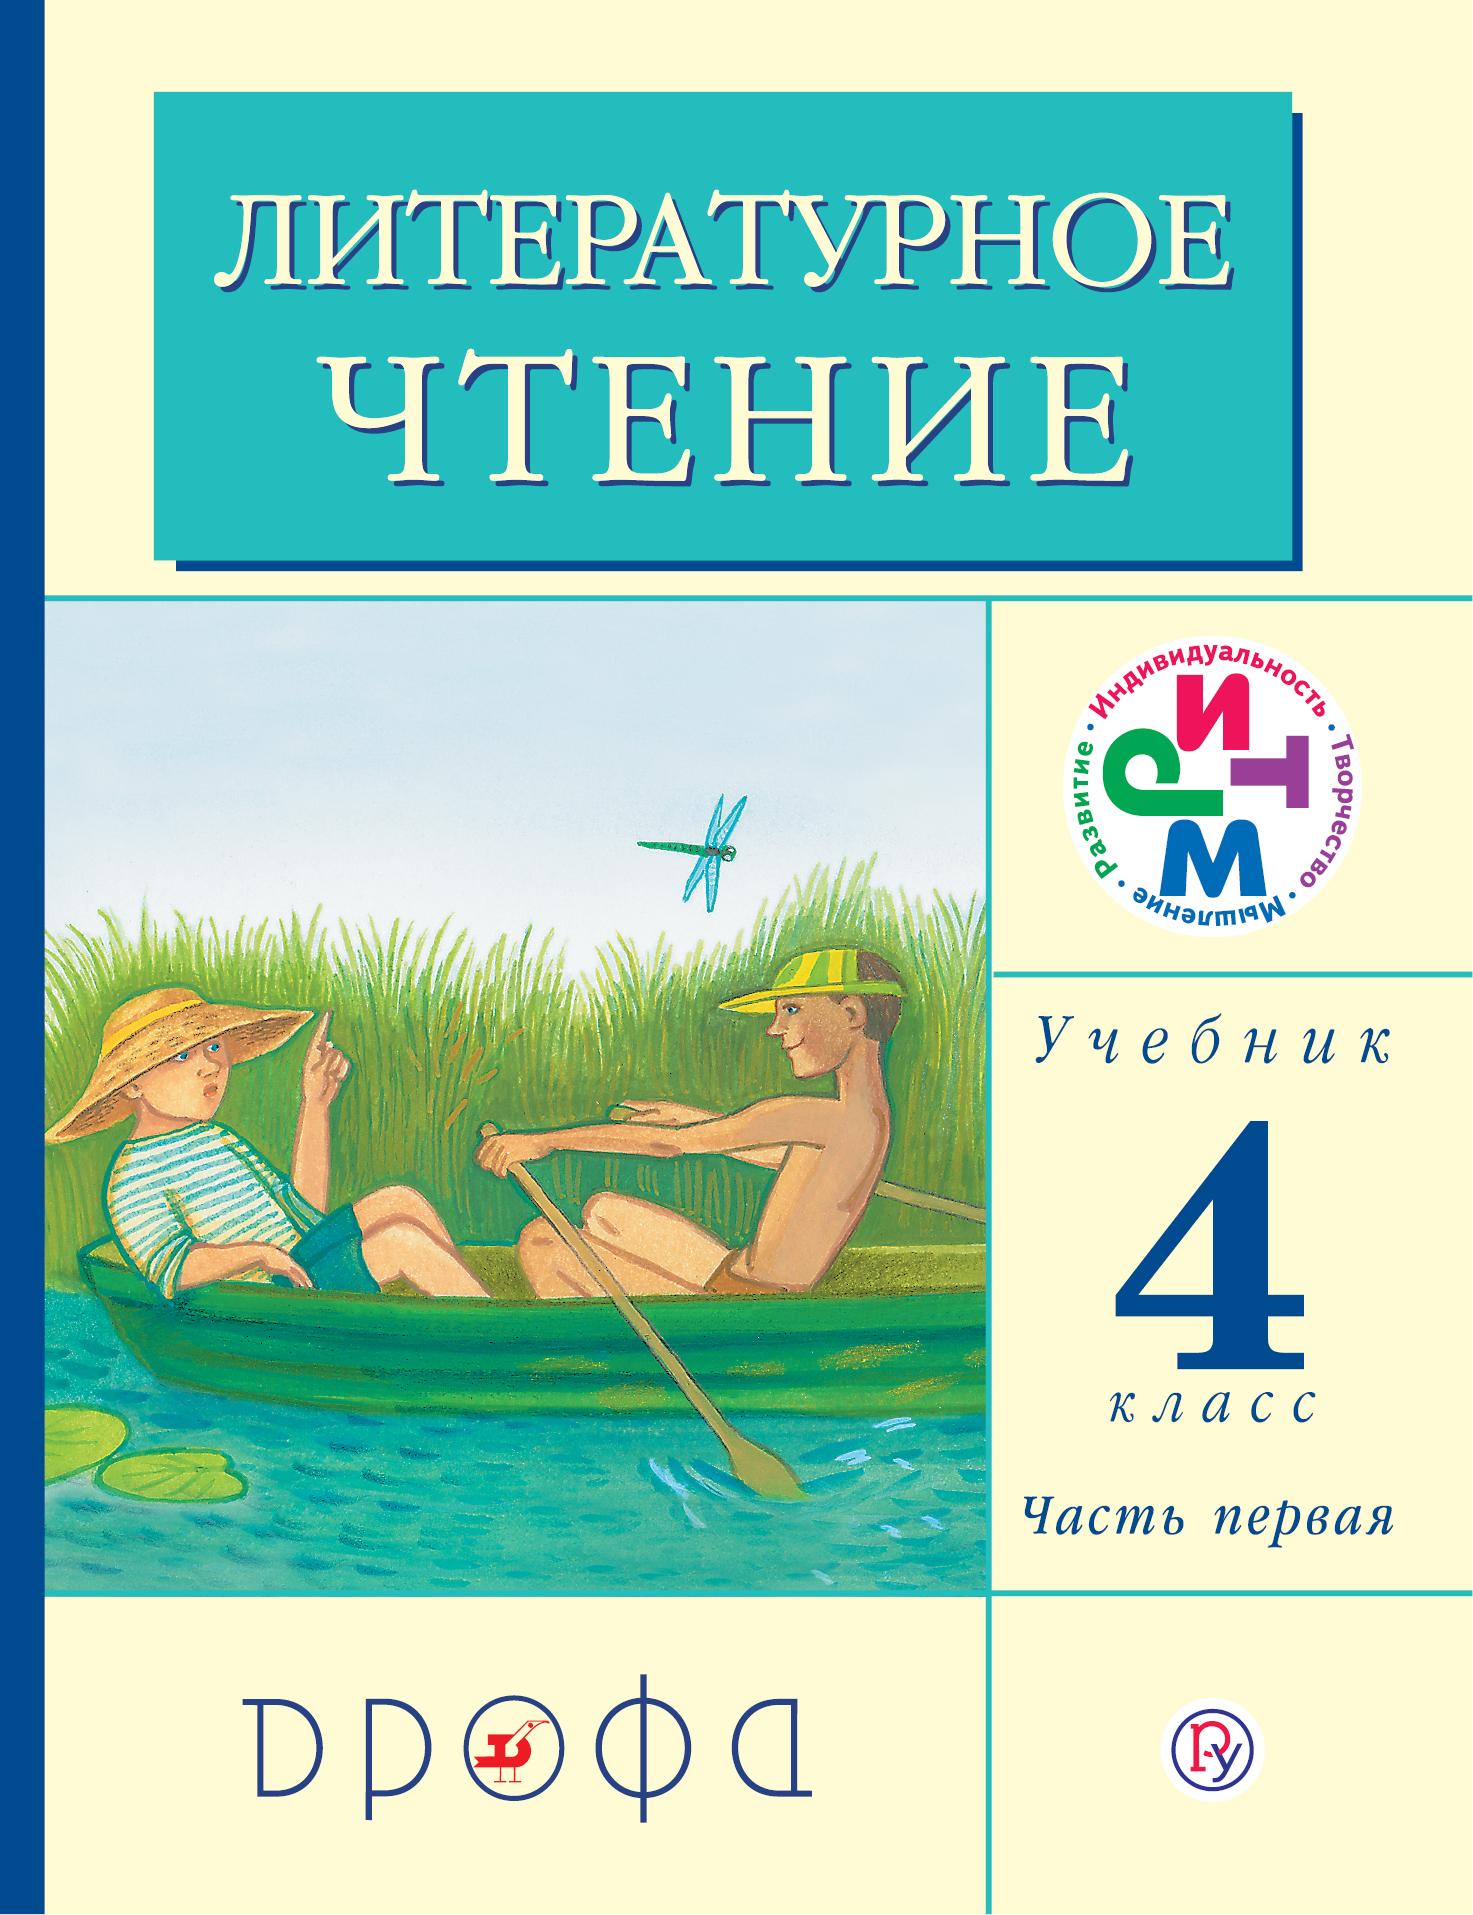 Г. М. Грехнева, К. Е. Корепова Литературное чтение. 4 класс. Учебник. В 3 частях. Часть 1 г м грехнева к е корепова литературное чтение 4 класс учебник в 3 частях часть 2